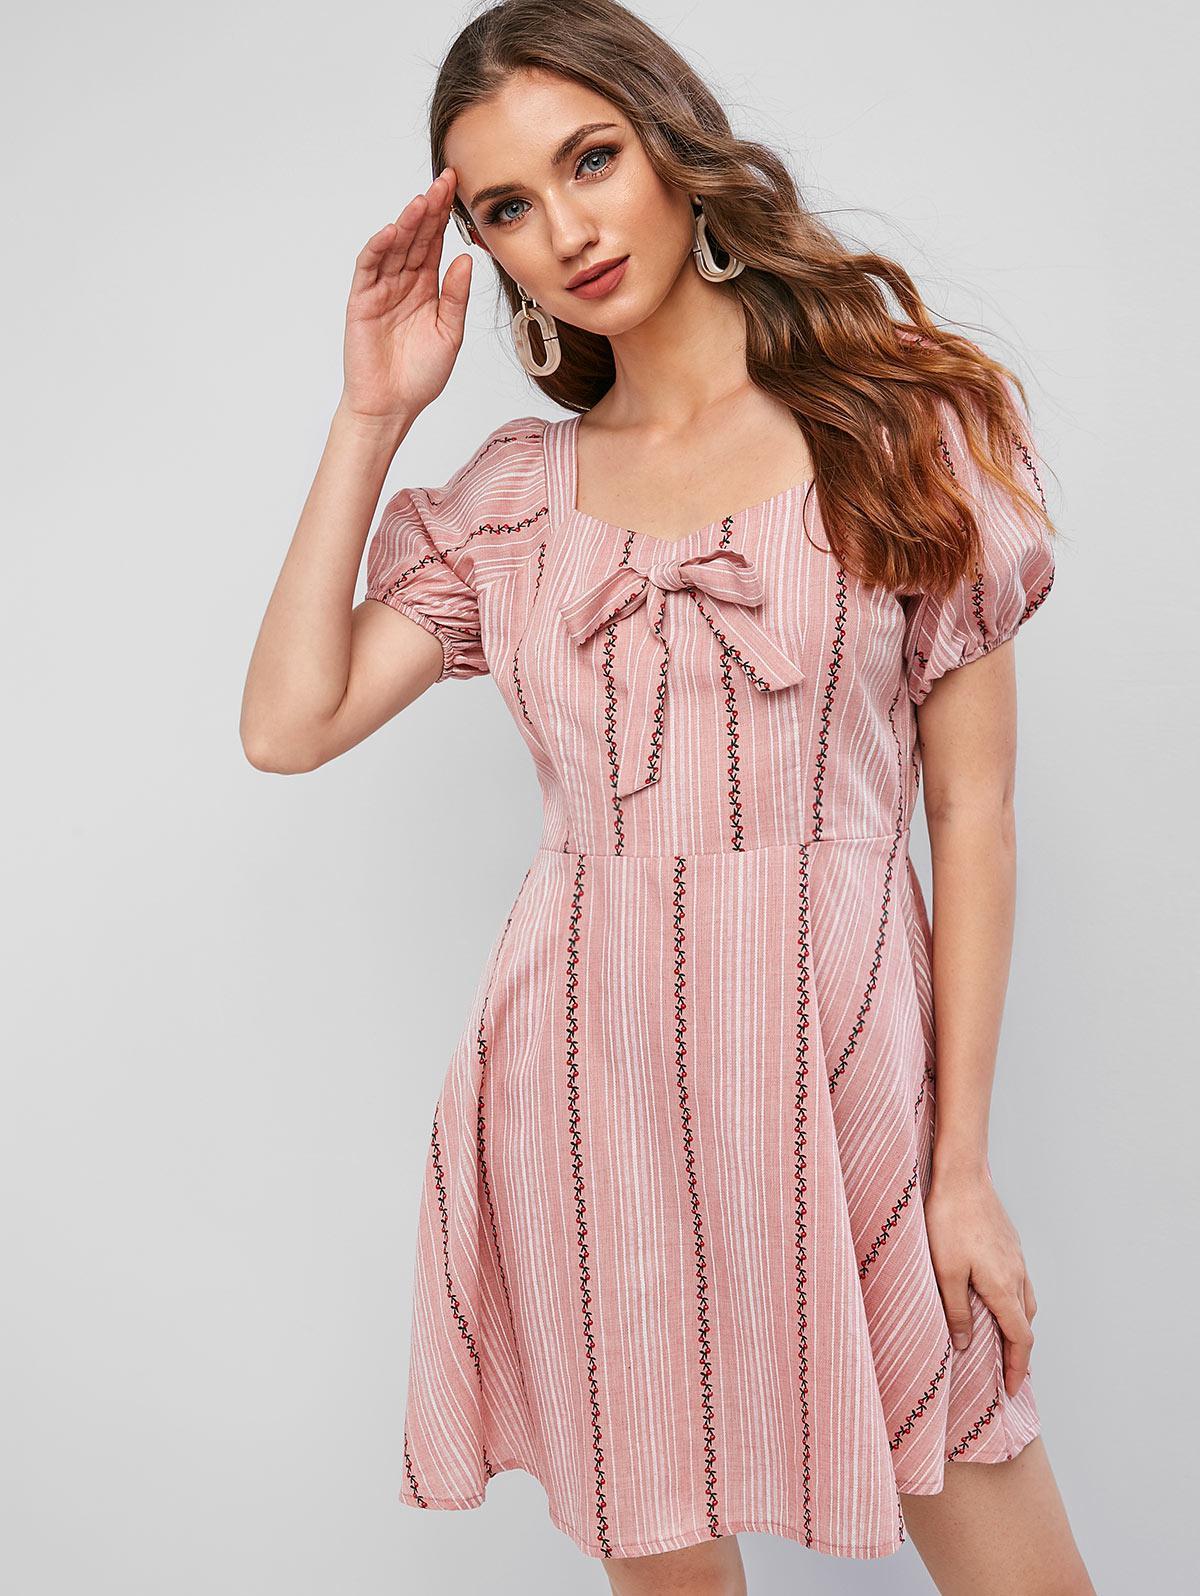 ZAFUL Sweetheart Neck Cherry Striped Knotted Mini Dress thumbnail